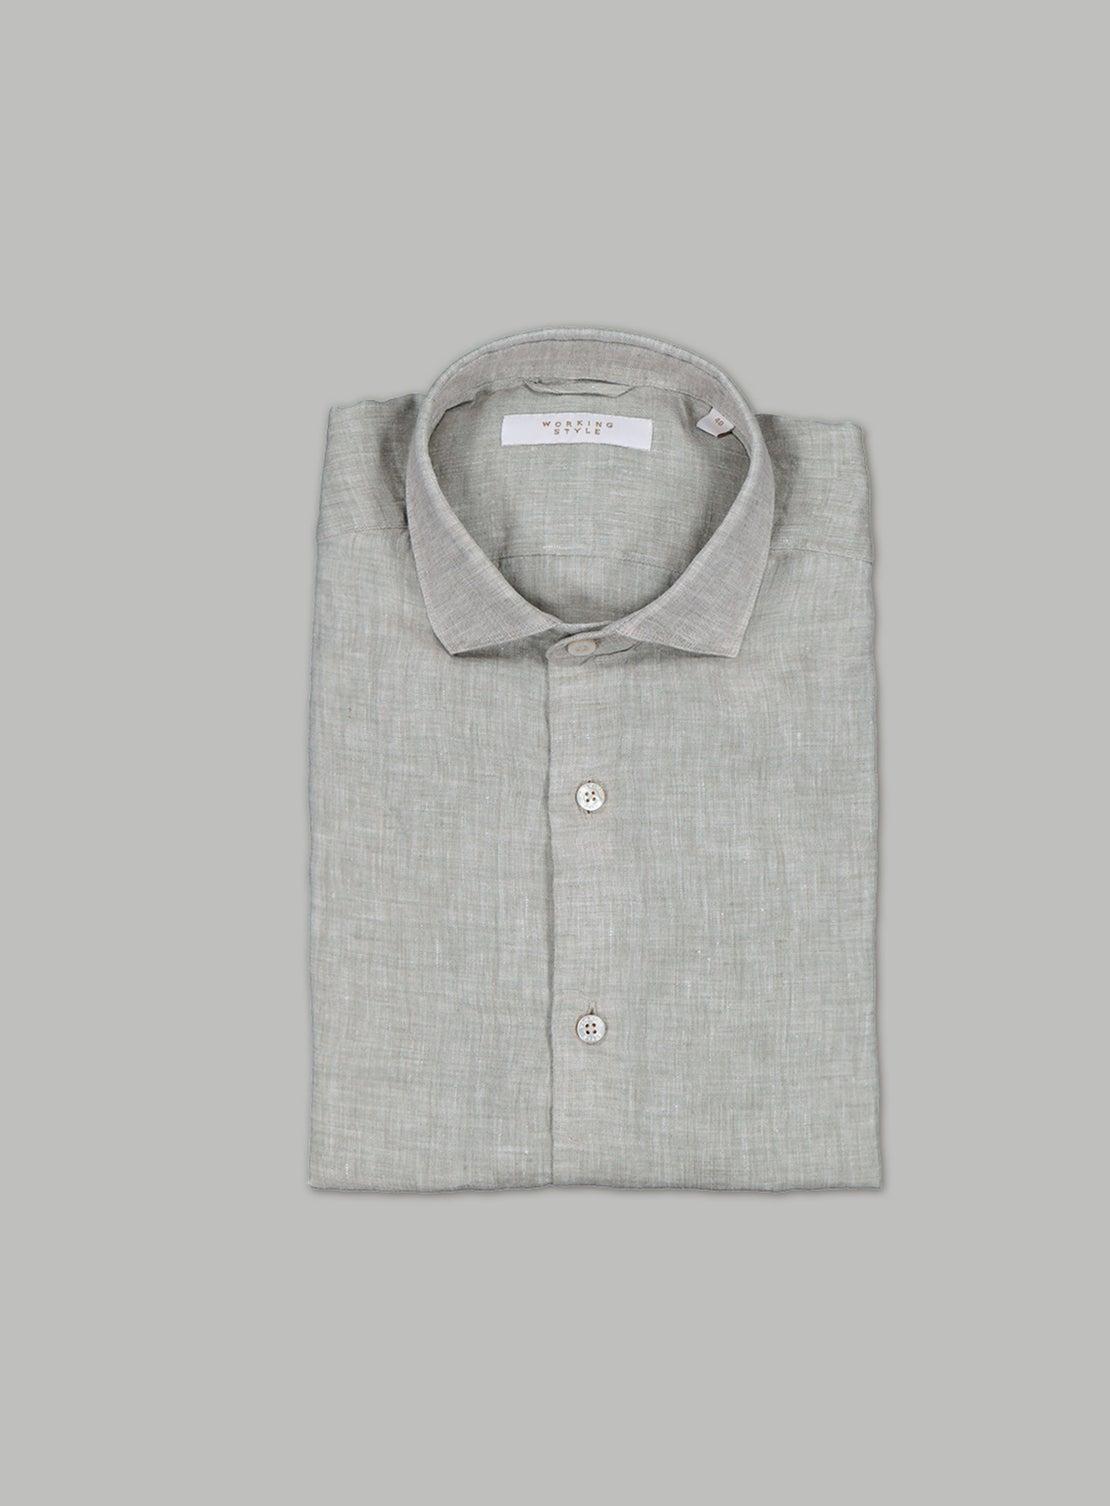 Pale Olive Linen Short Sleeved Shirt